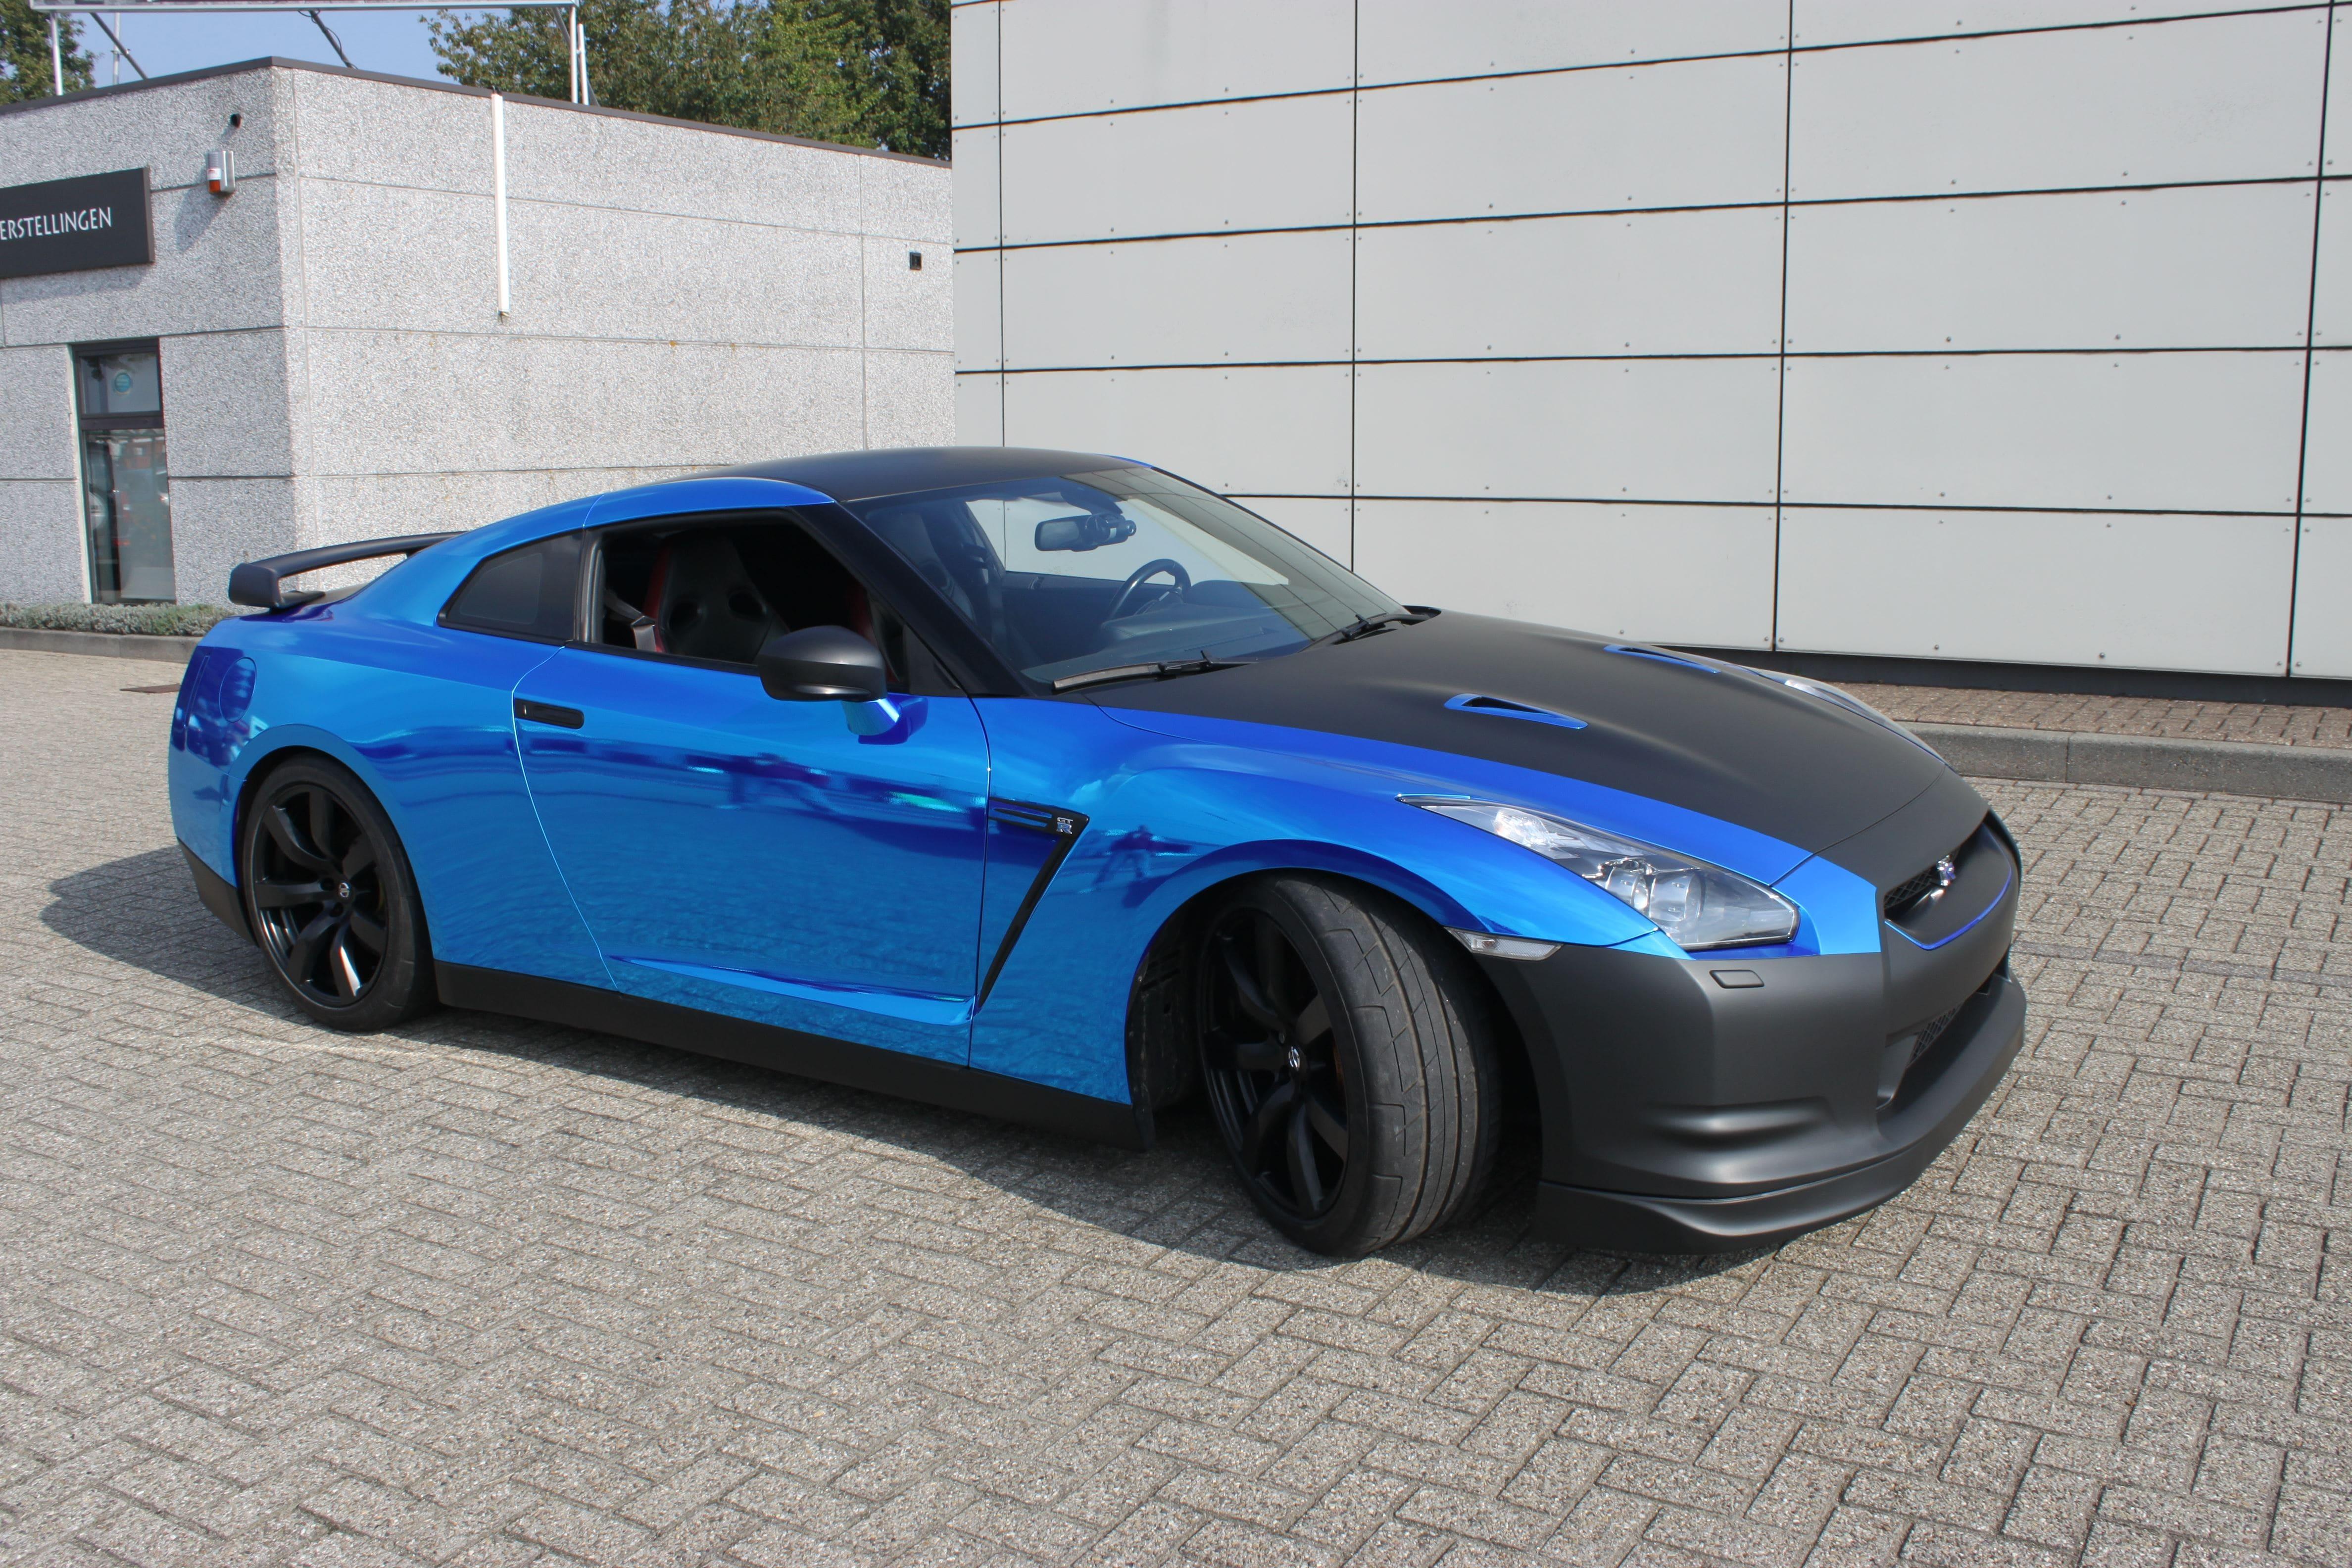 Nissan GT-R met Blue Chrome Wrap, Carwrapping door Wrapmyride.nu Foto-nr:6475, ©2021